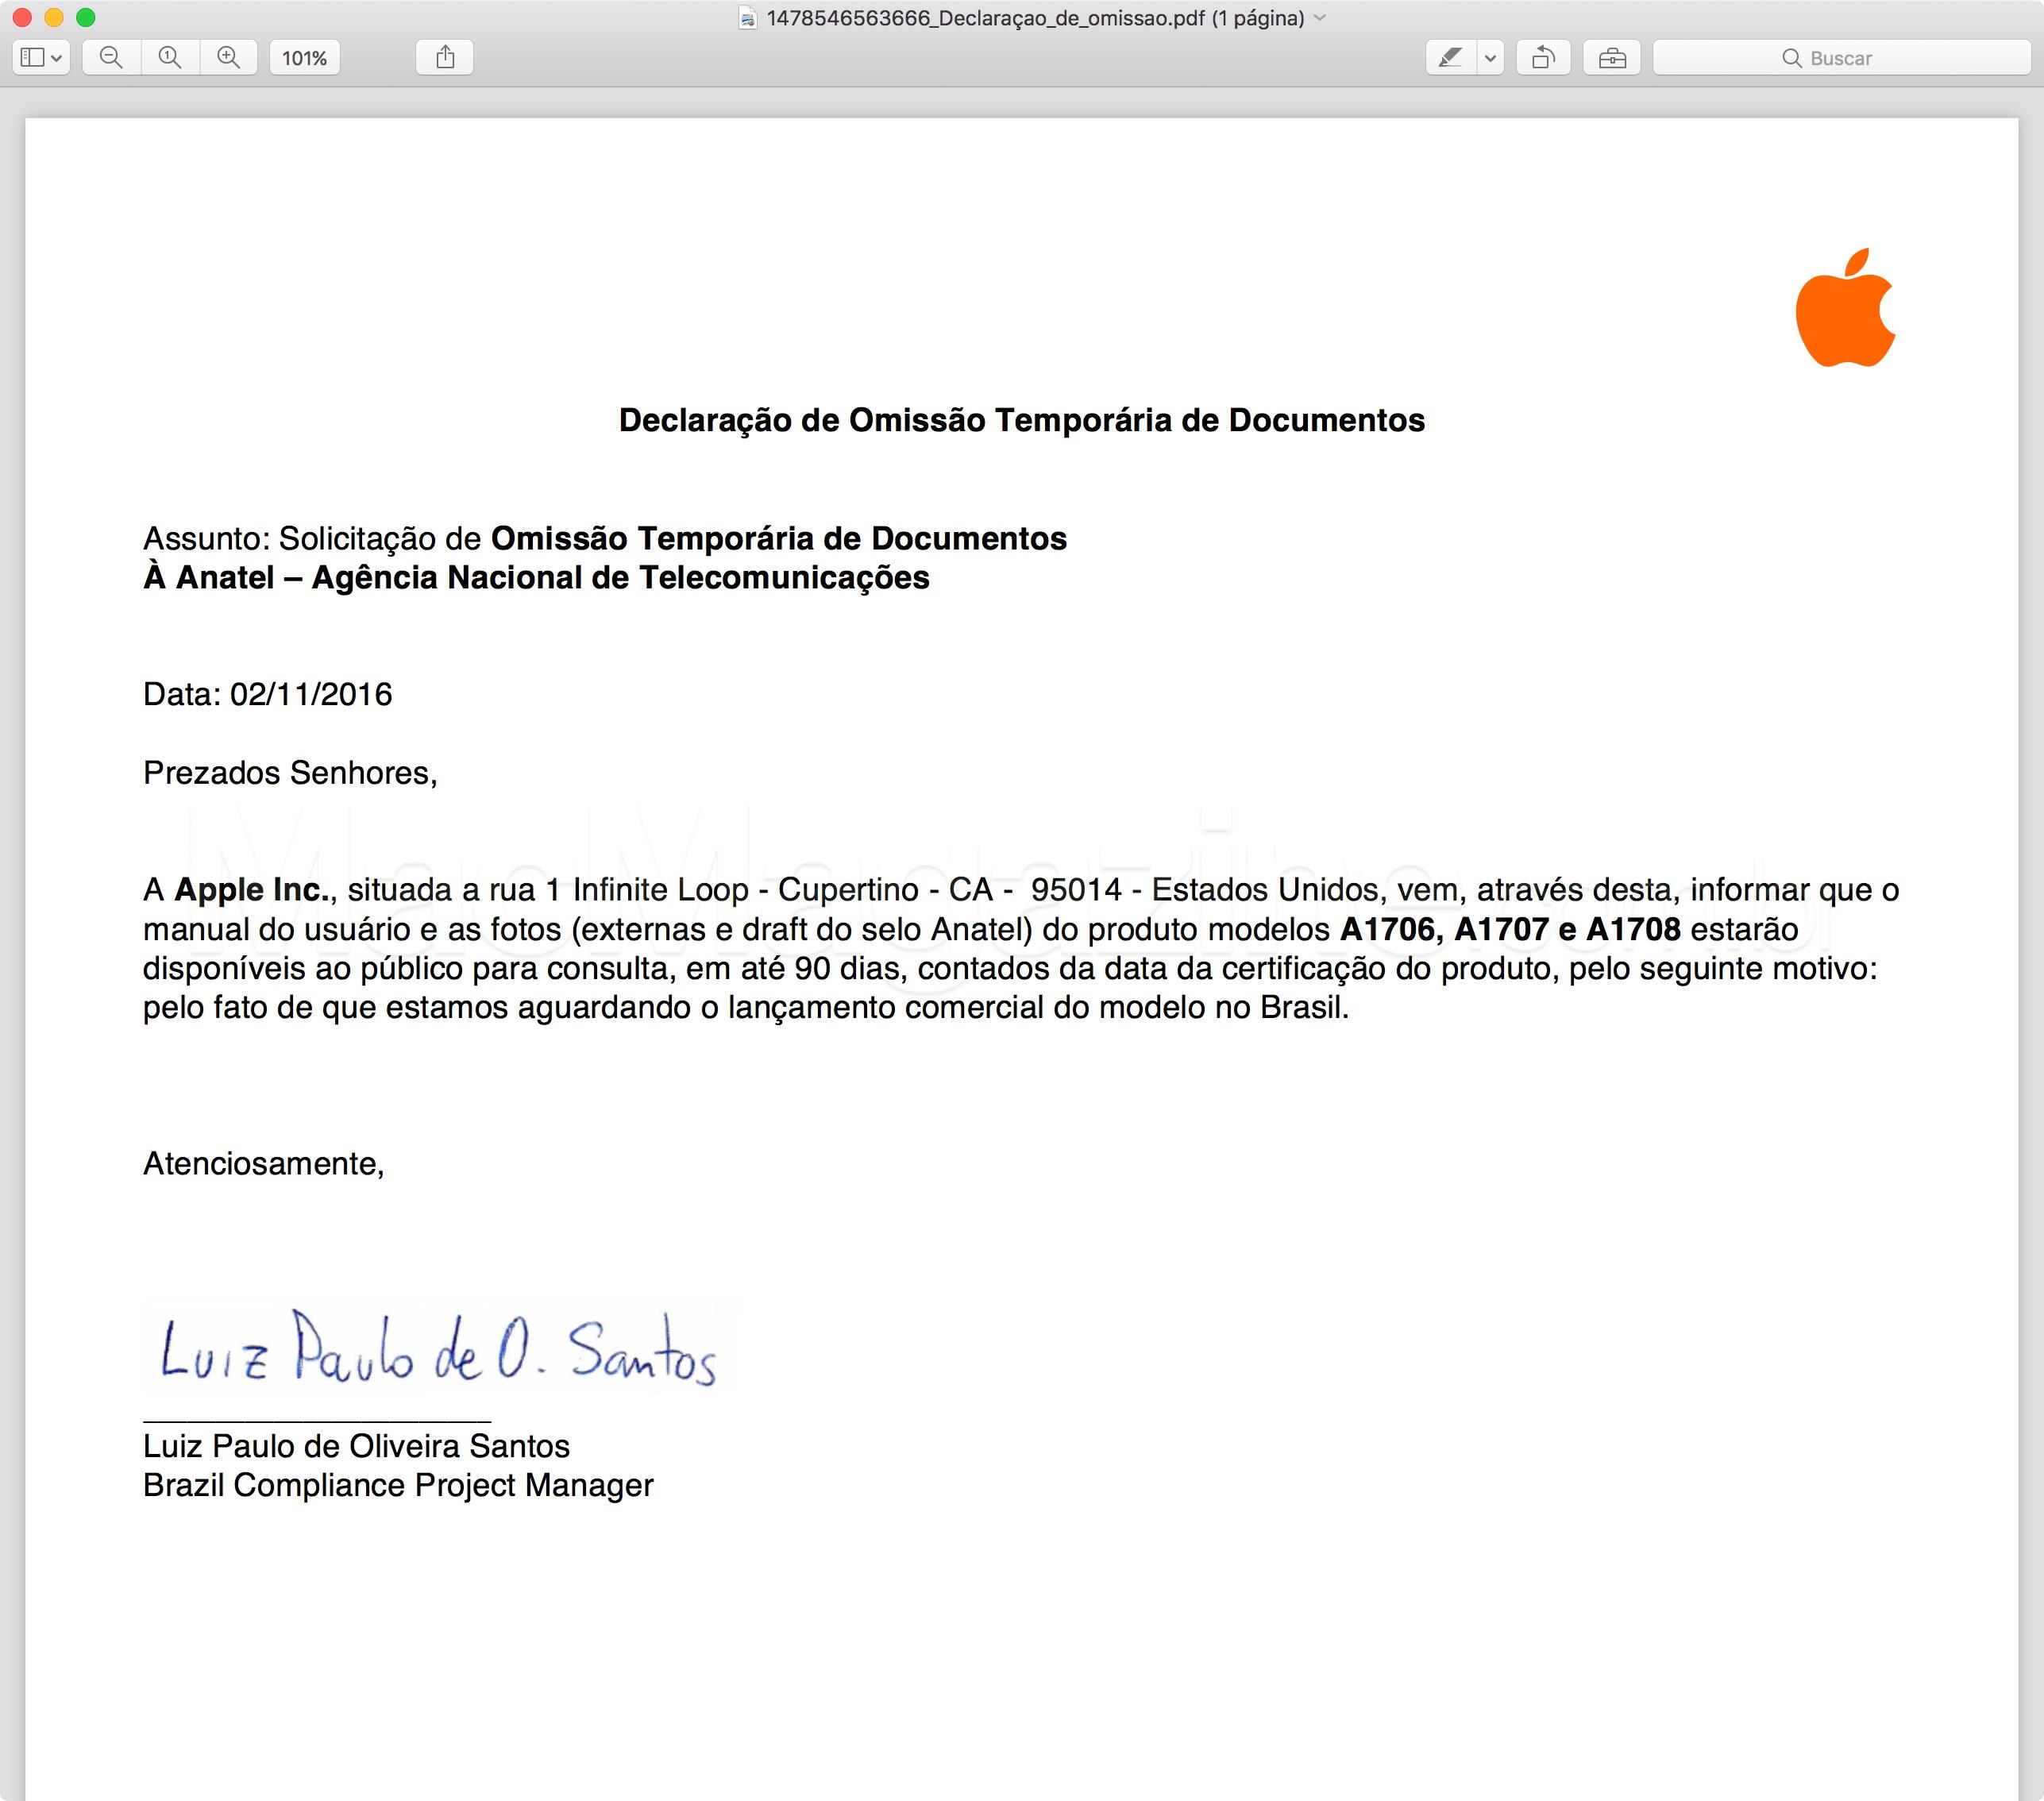 Homologação do novo MacBook Pro pela Anatel